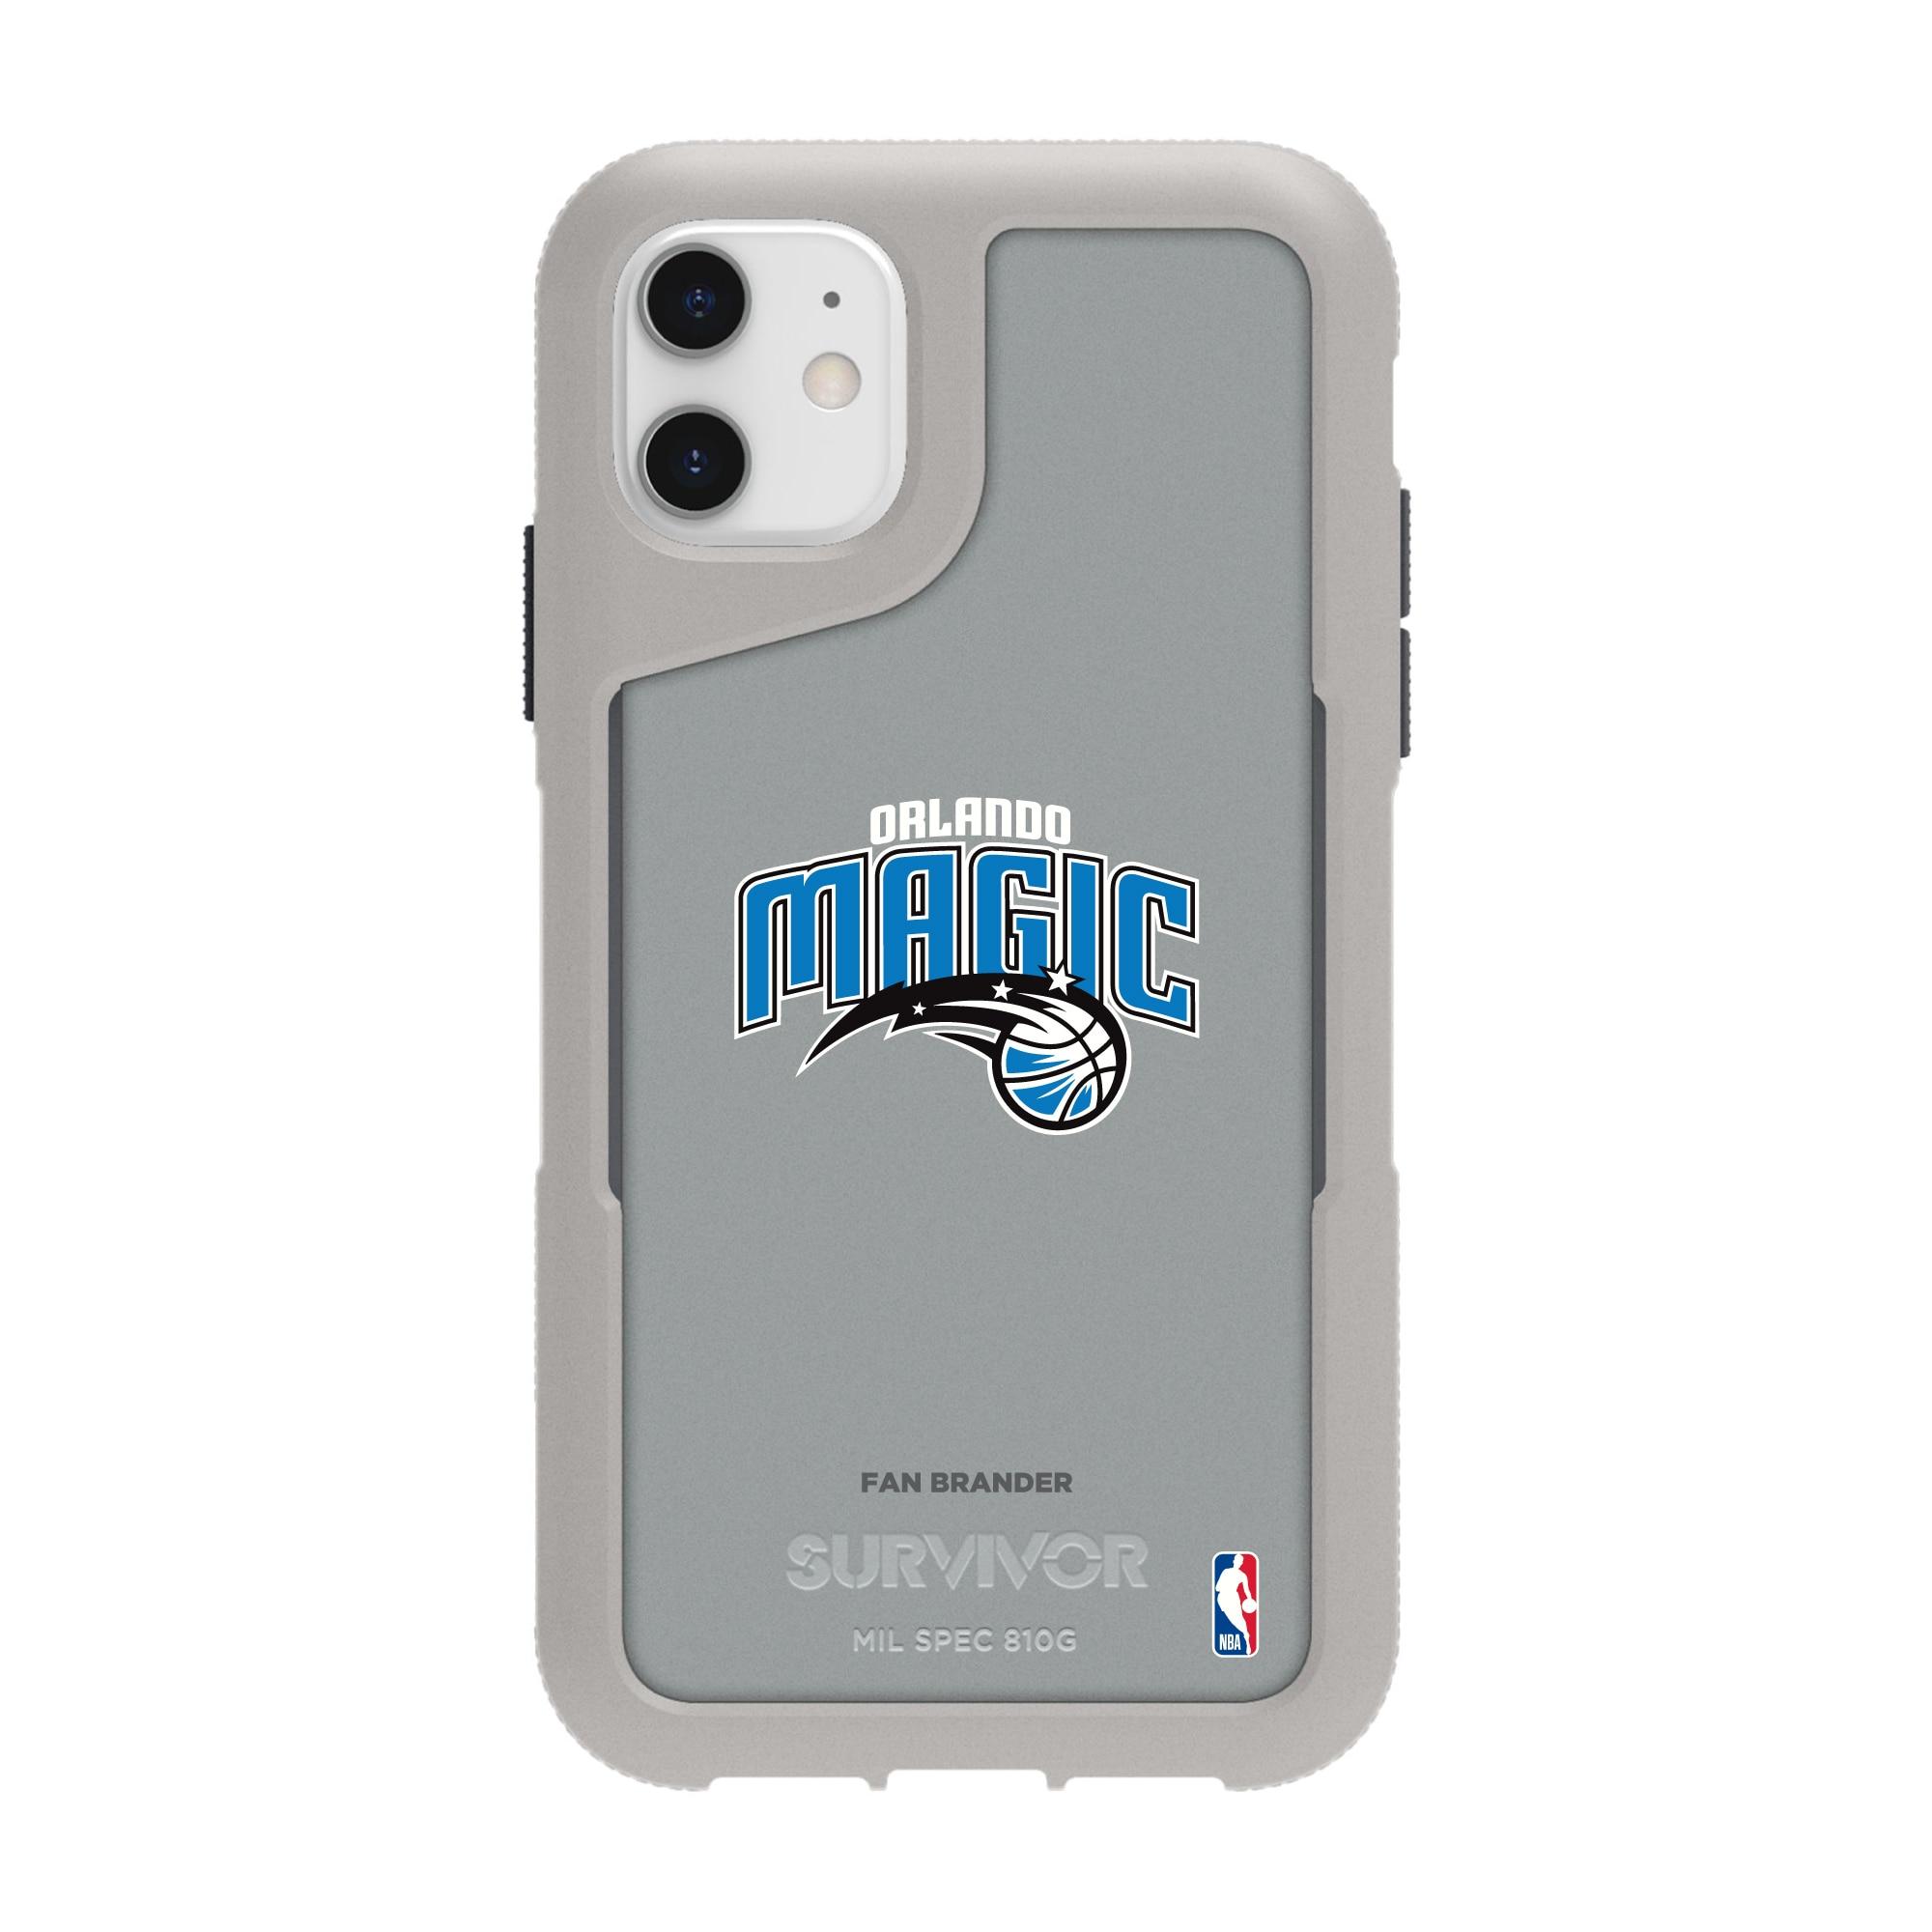 Orlando Magic Griffin Survivor Endurance iPhone Case - Gray